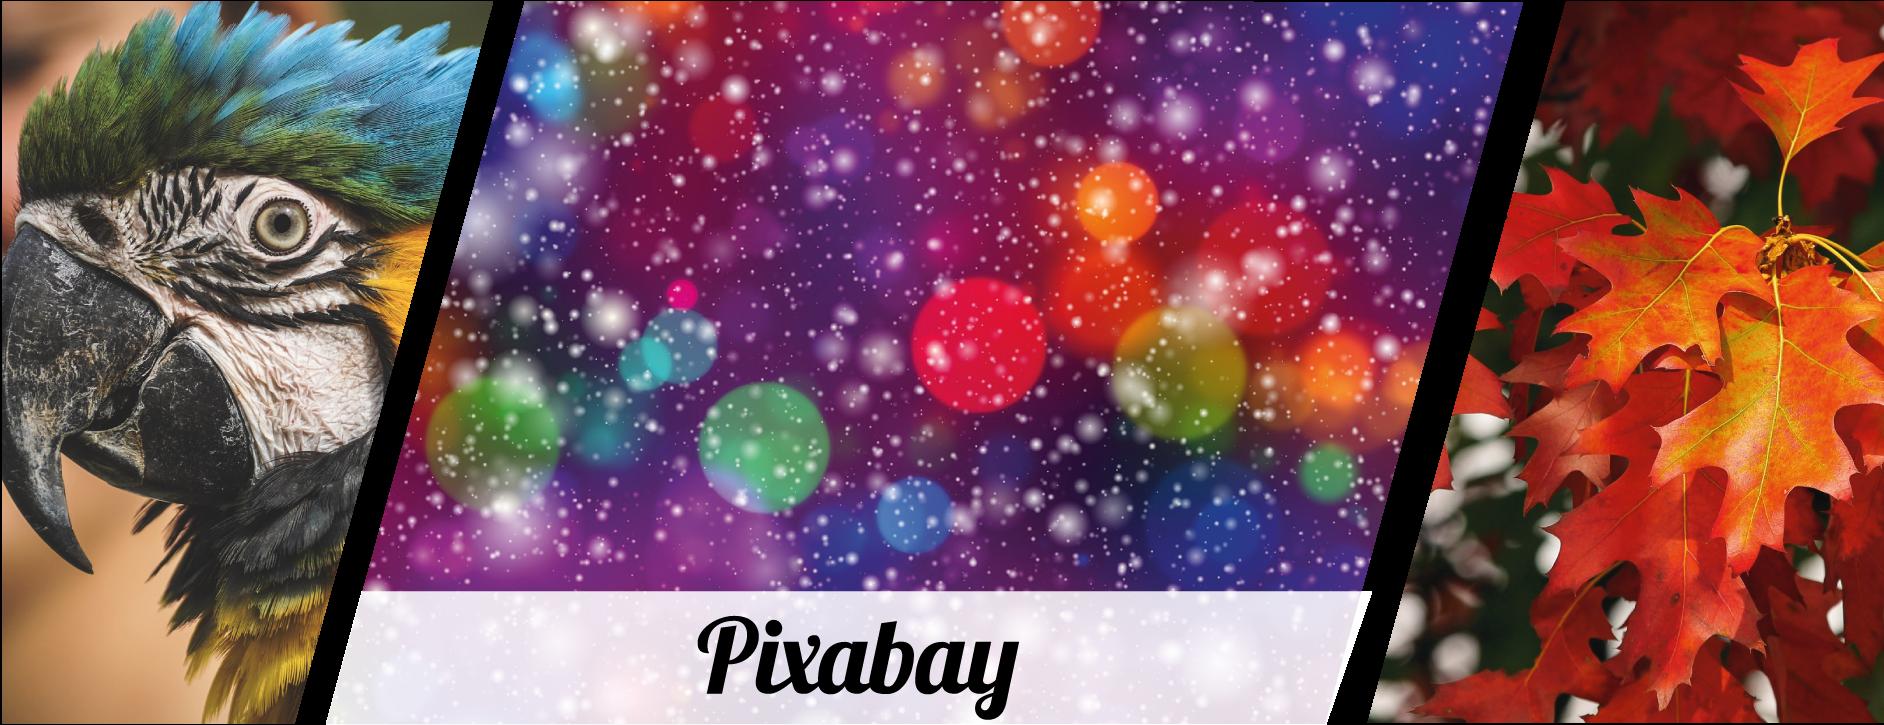 pixabay image collage